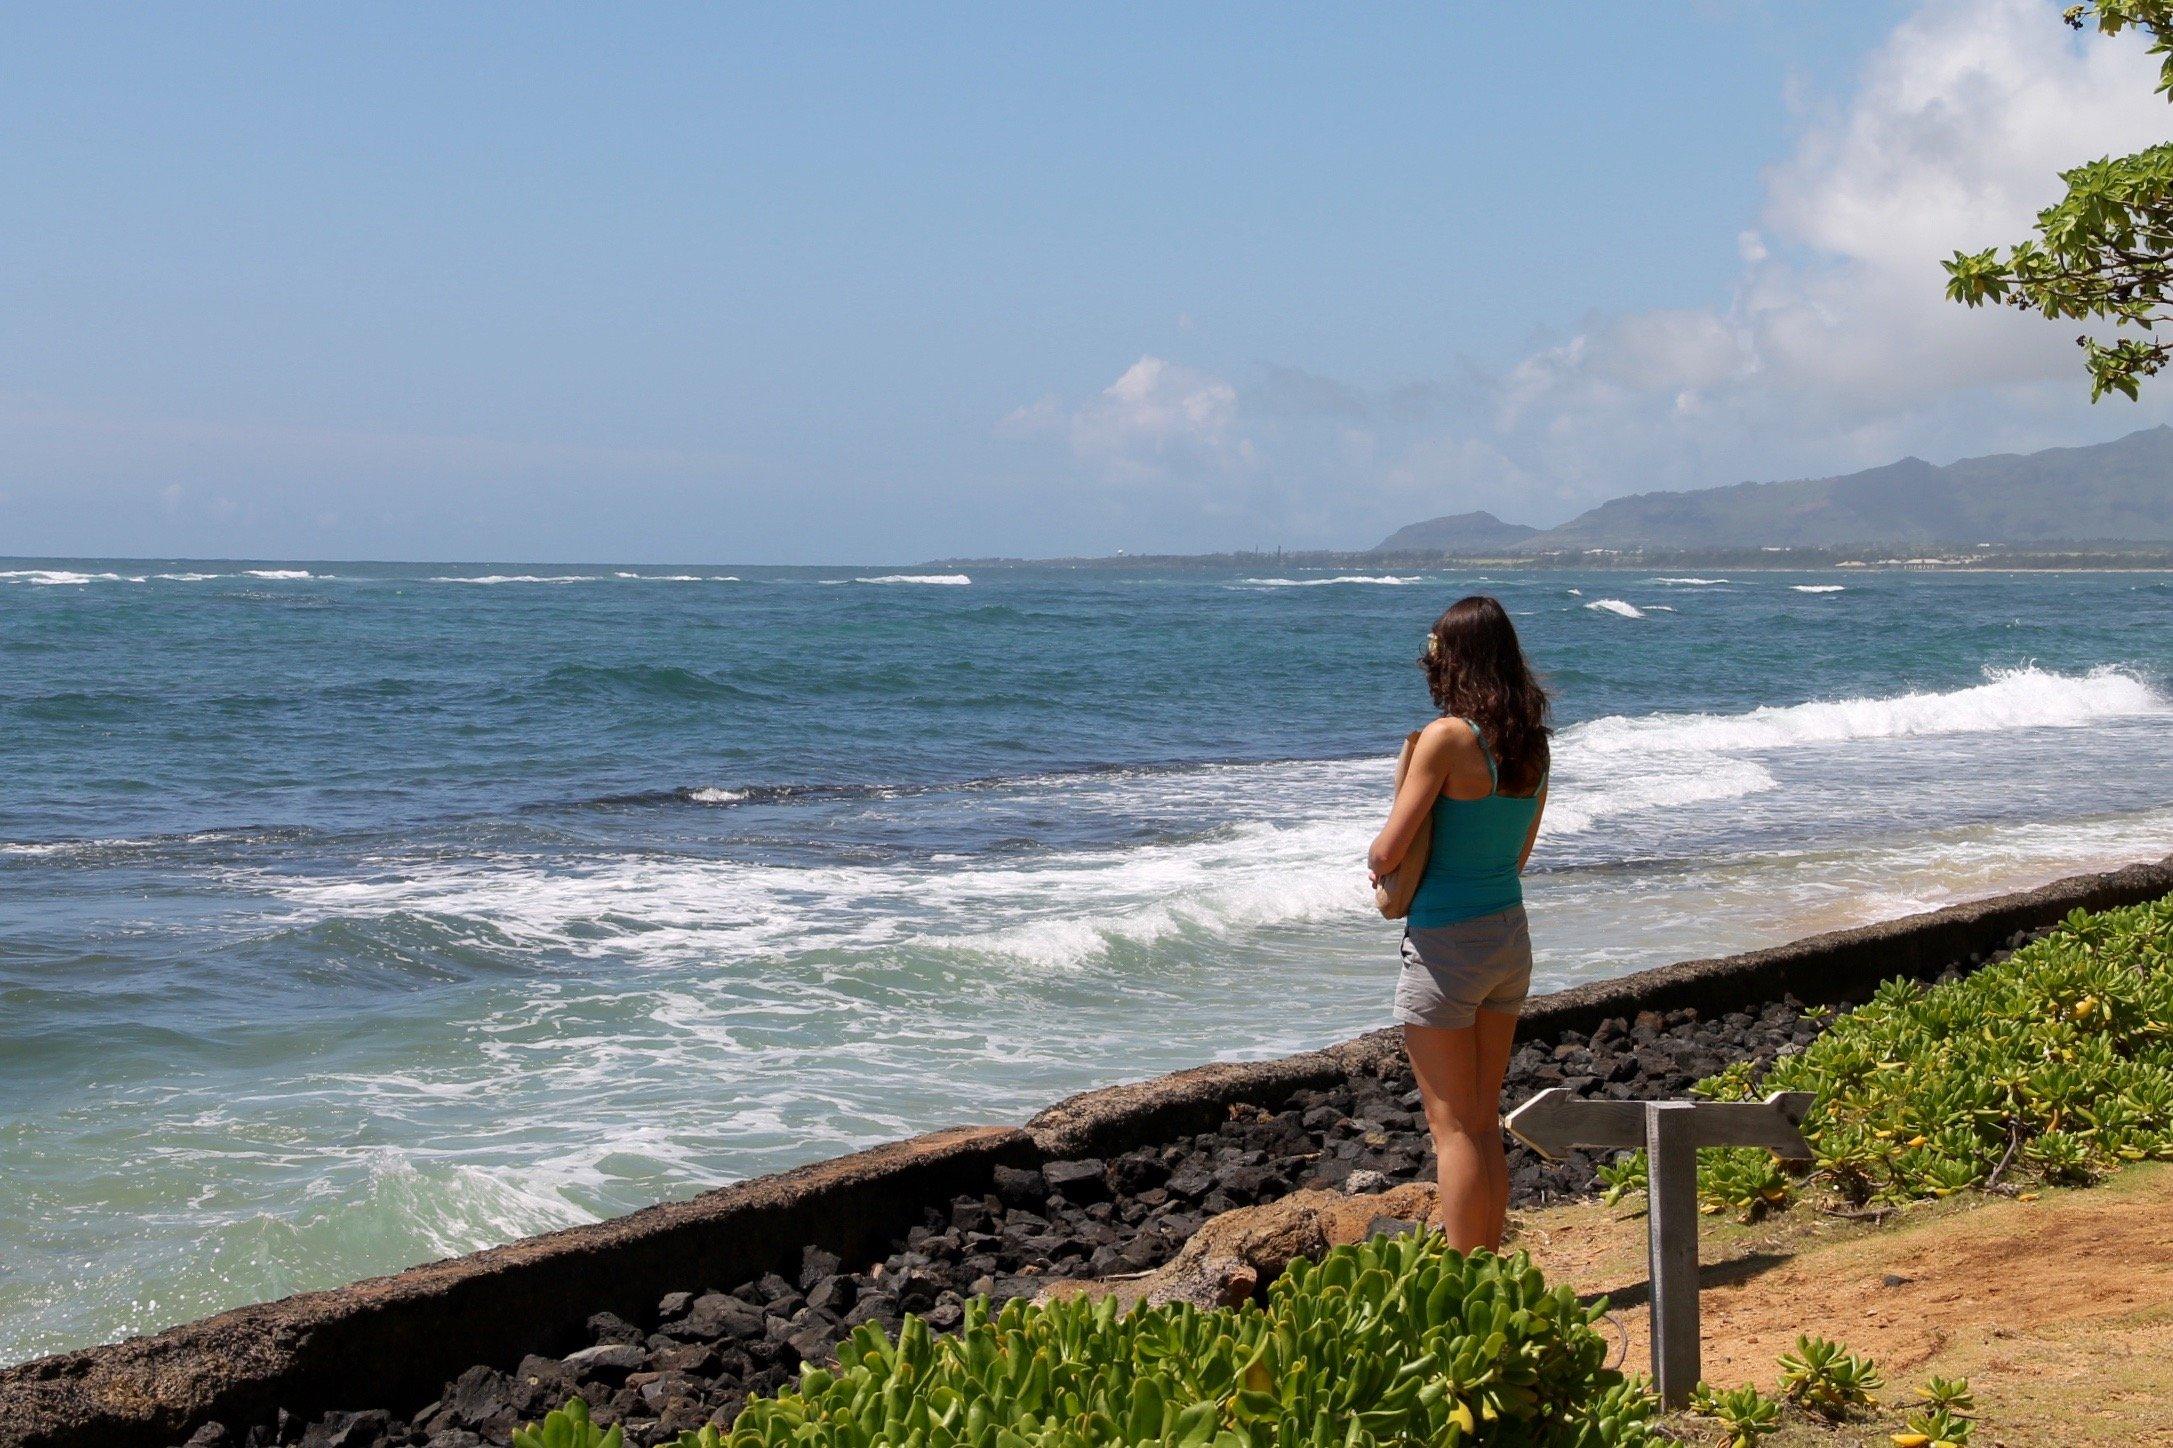 Woman Standing at Shore of Ocean